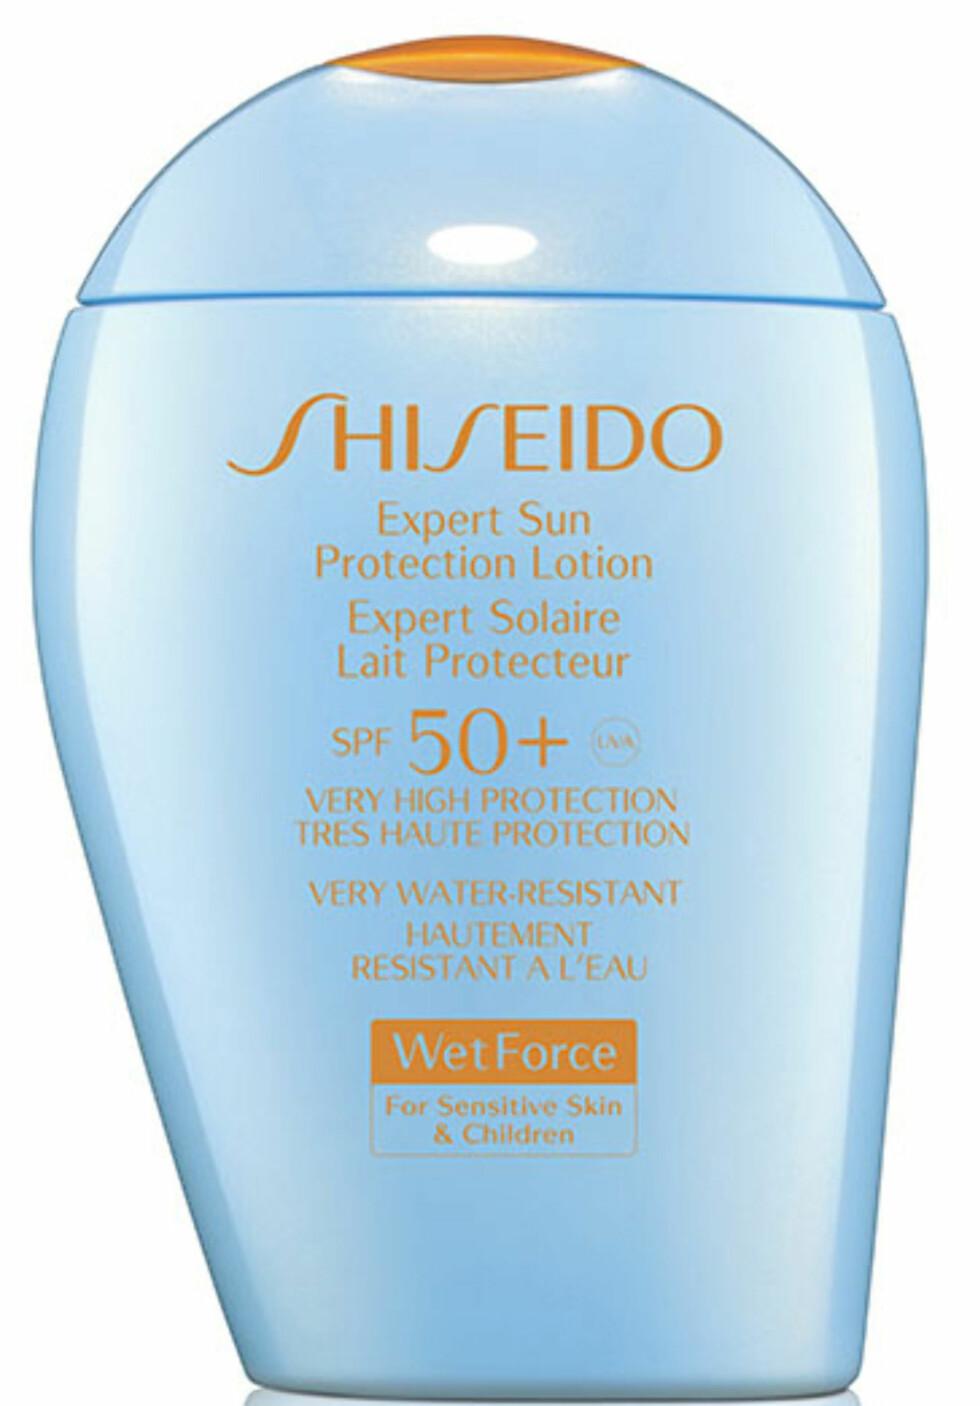 Med ny ioneteknologi som gjør at fuktighet og svette får kremen til å sitte bedre på huden (kr 470, Shiseido, Expert Sun Protection Lotion SPF 50+). Foto: Produsenten